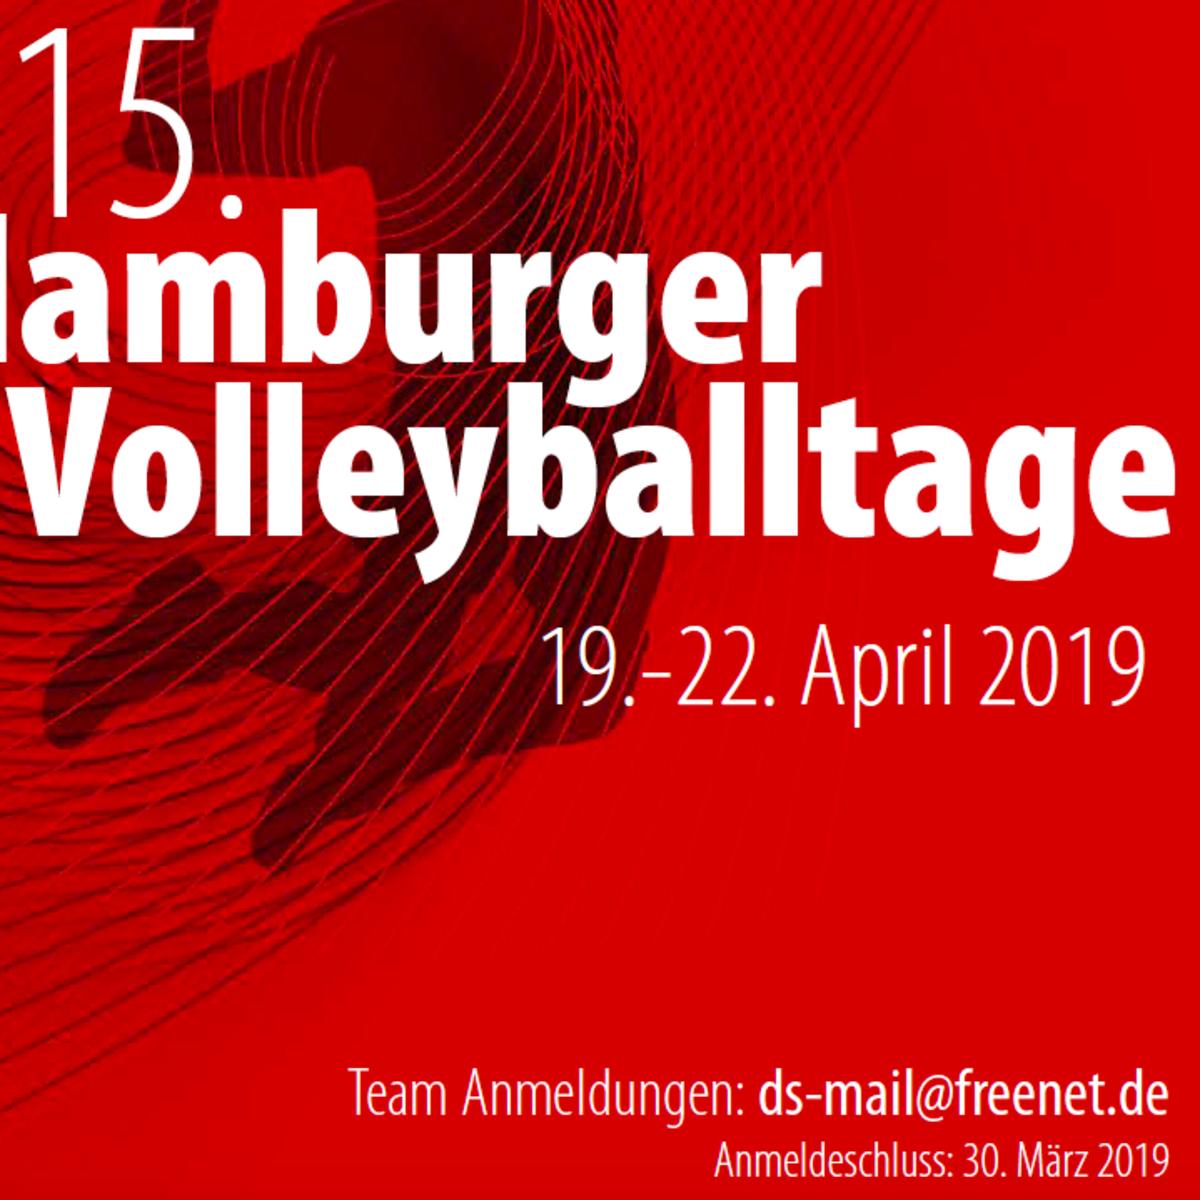 Einladung zum Volleyballturnier